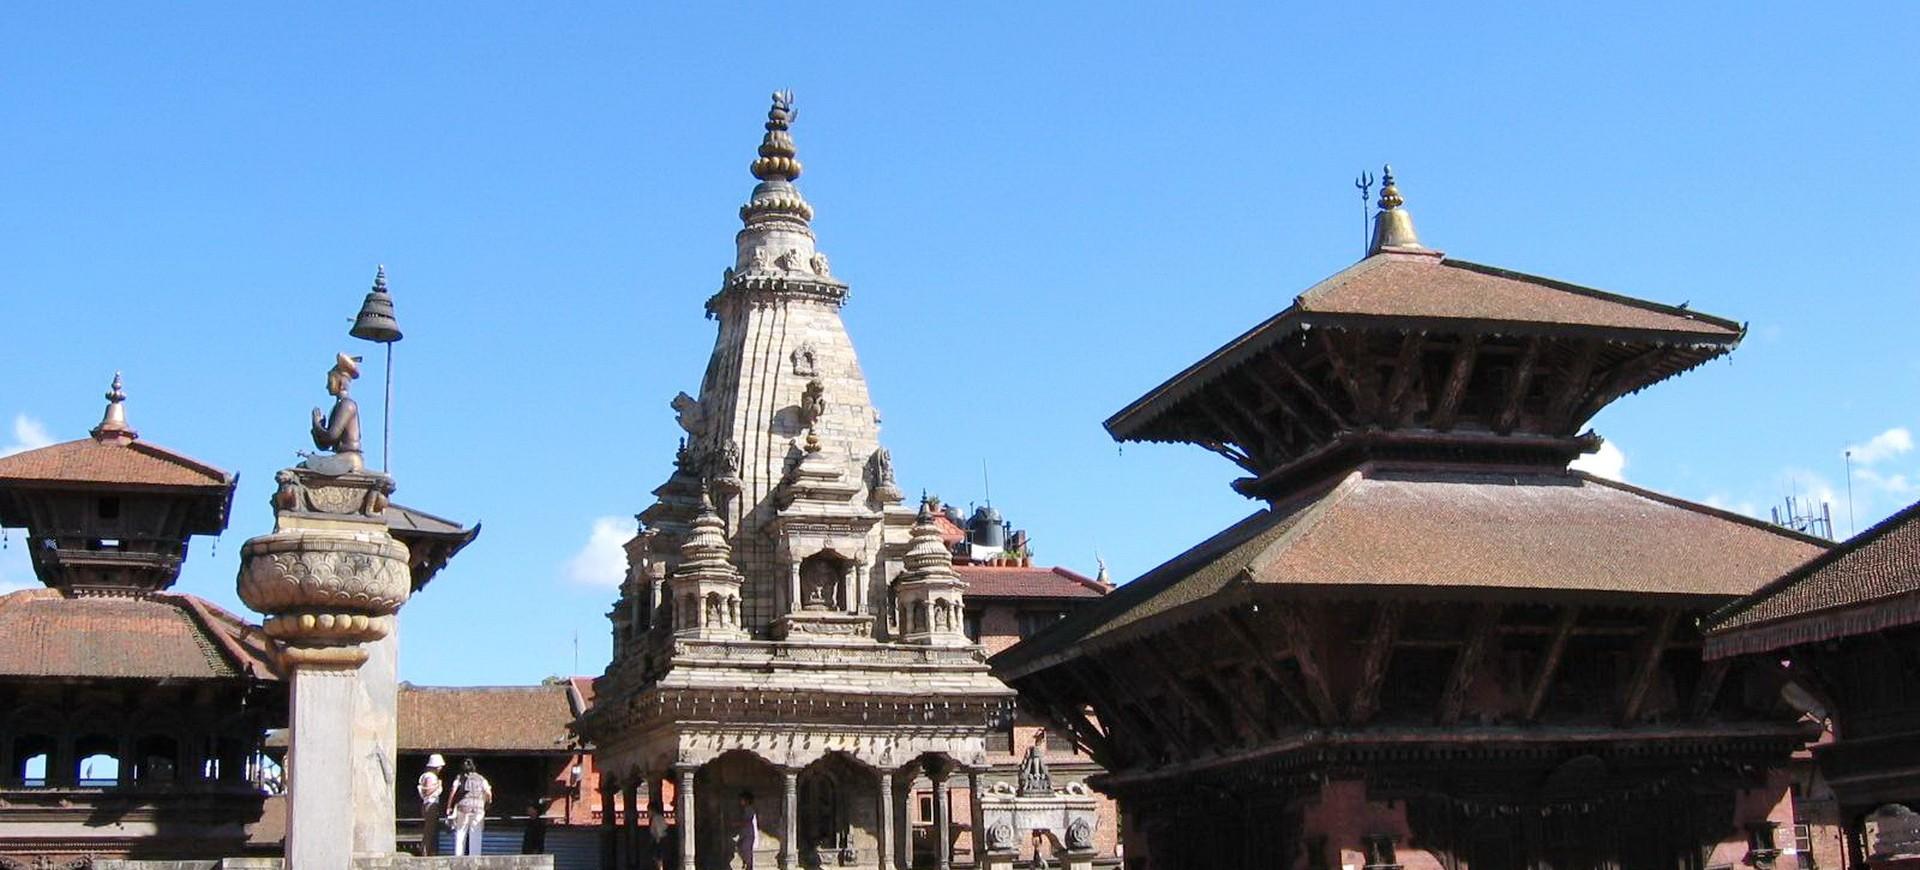 Népal Kathmandou Bhaktapur ou Bodhnath Dubar Square